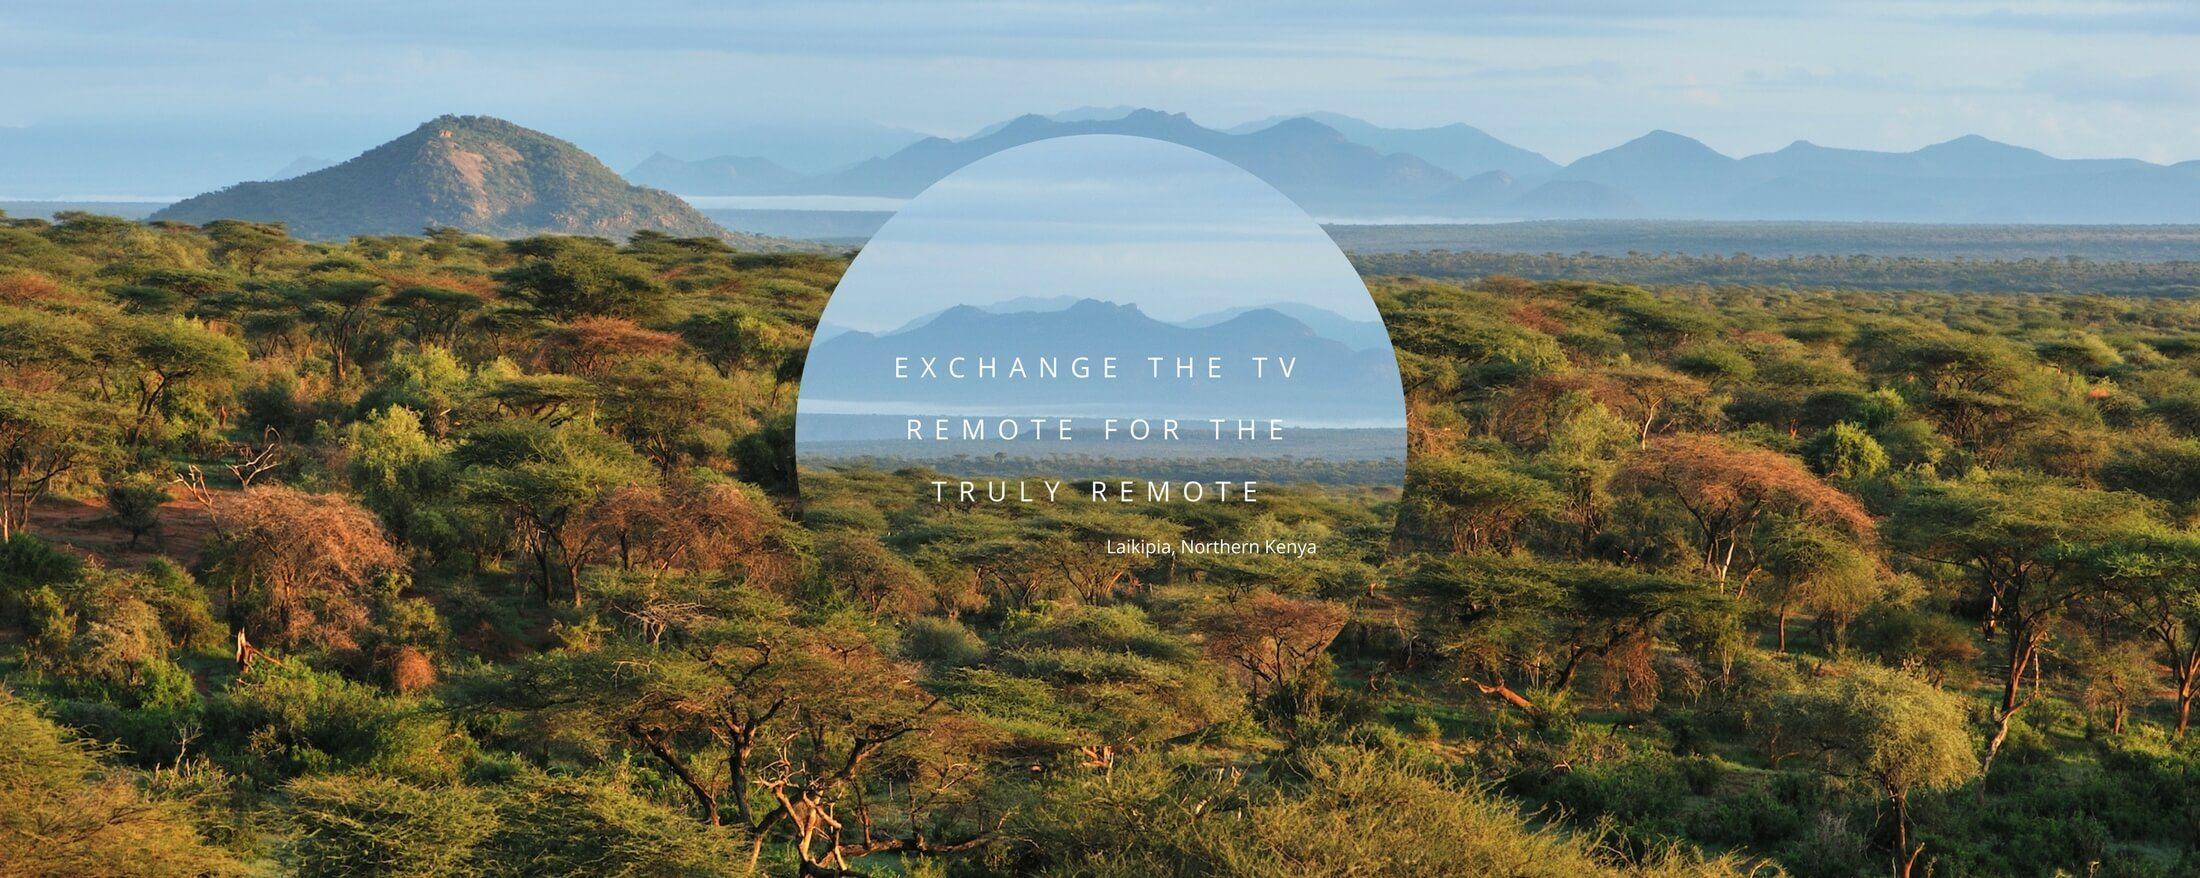 Top 10 truly remote safari lodges